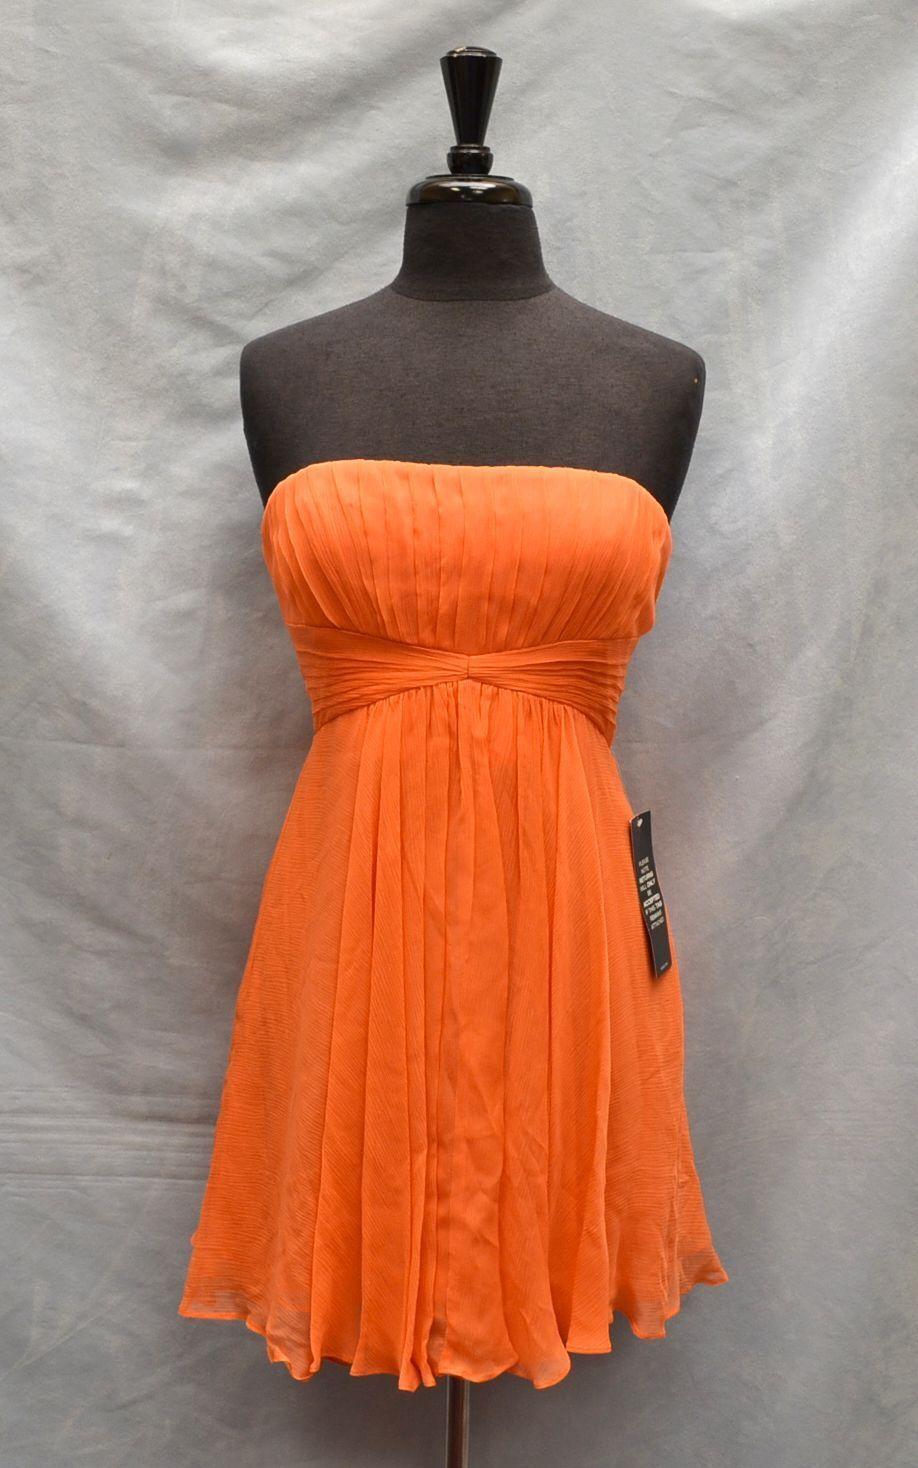 NEW BCBG MAXAZRIA Duran Melon Orange Silk Strapless Cocktail Dress Größe 10